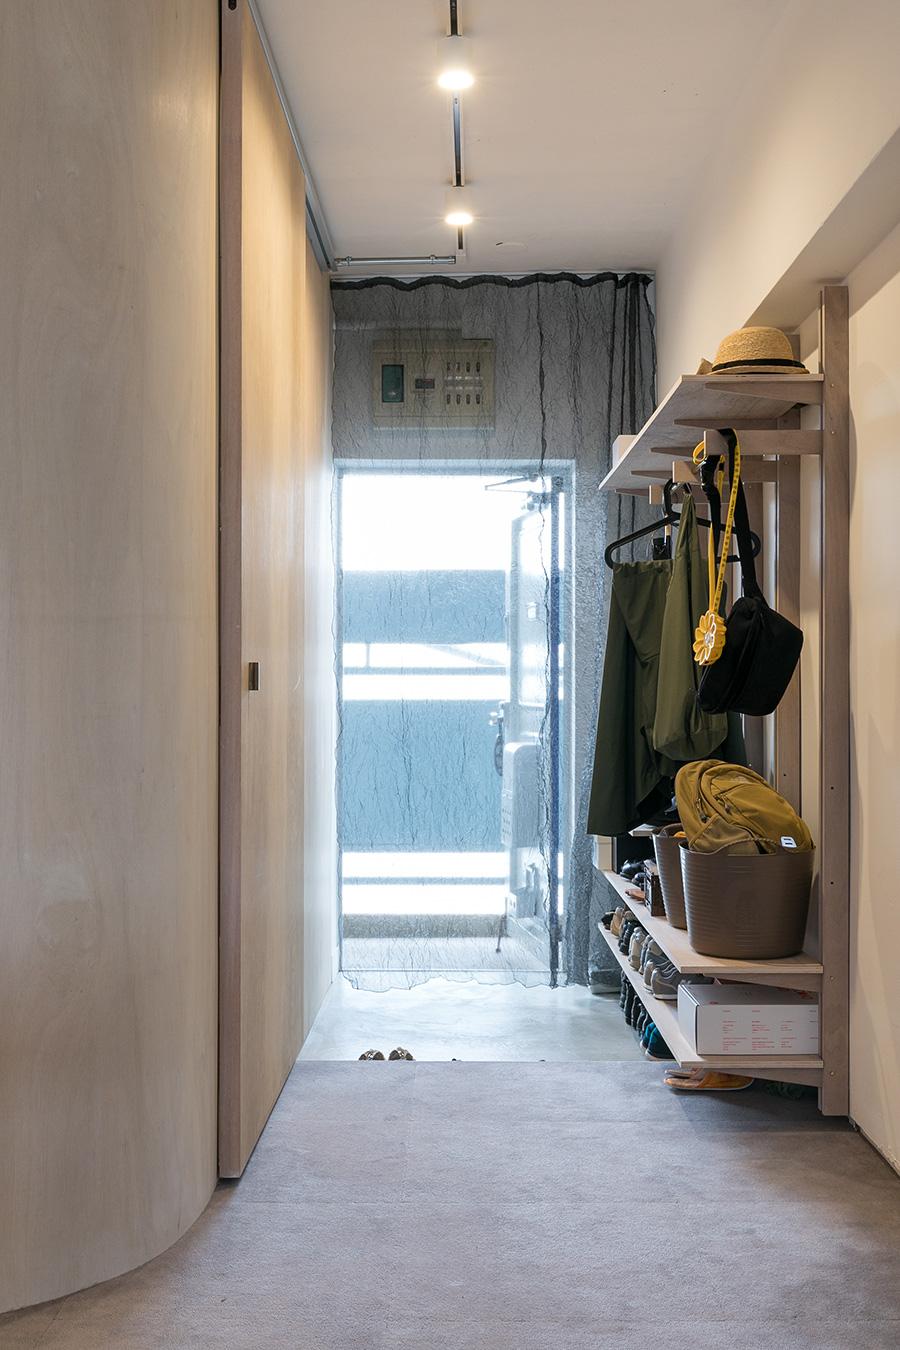 玄関の入口のカーテンをくぐって部屋に入るドラマチックな演出。